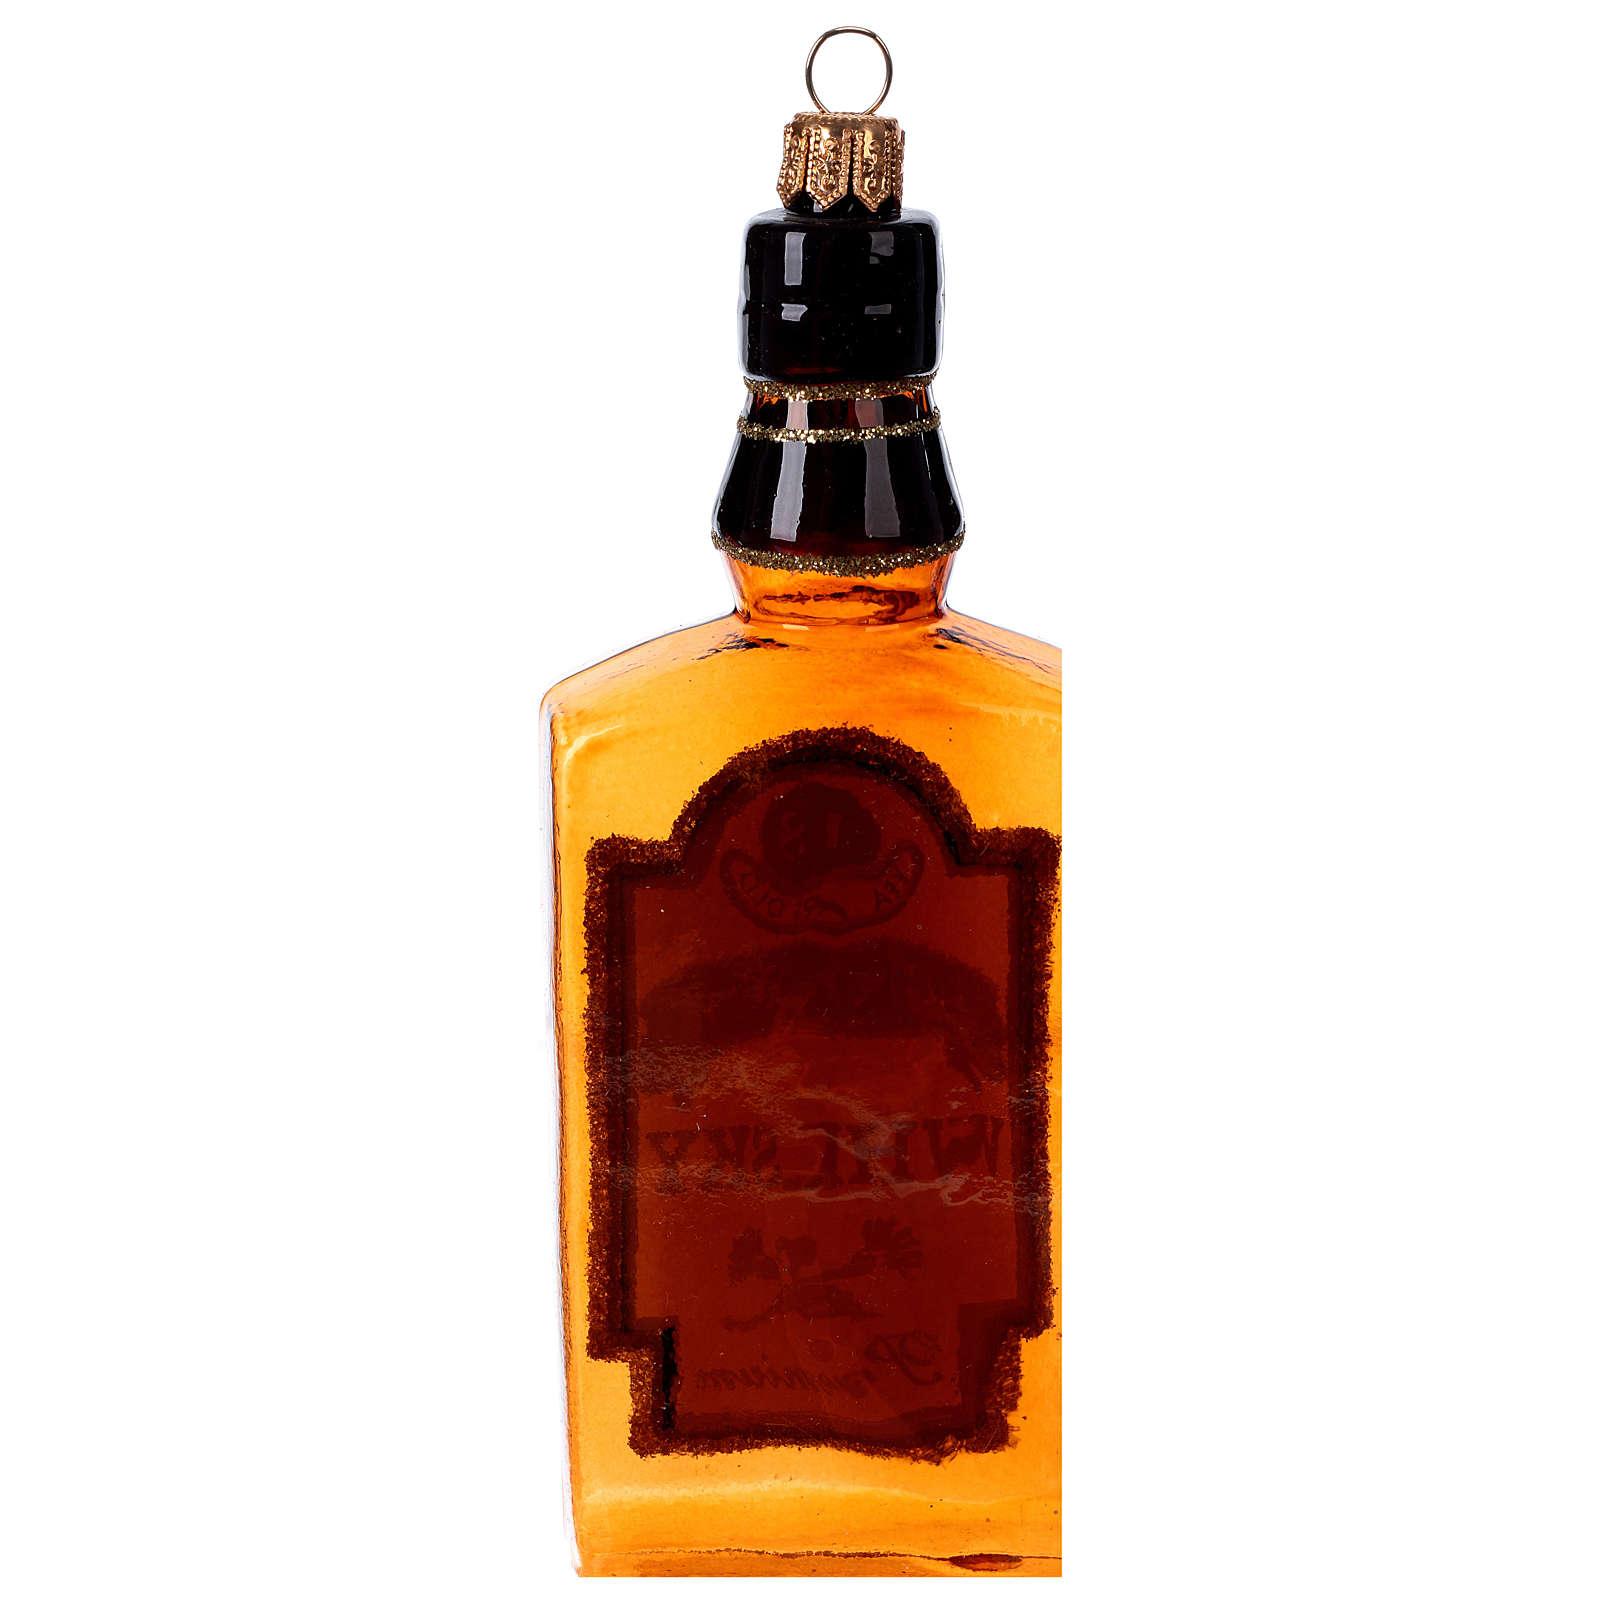 Bouteille de Whisky en verre soufflé pour sapin de Noël 4